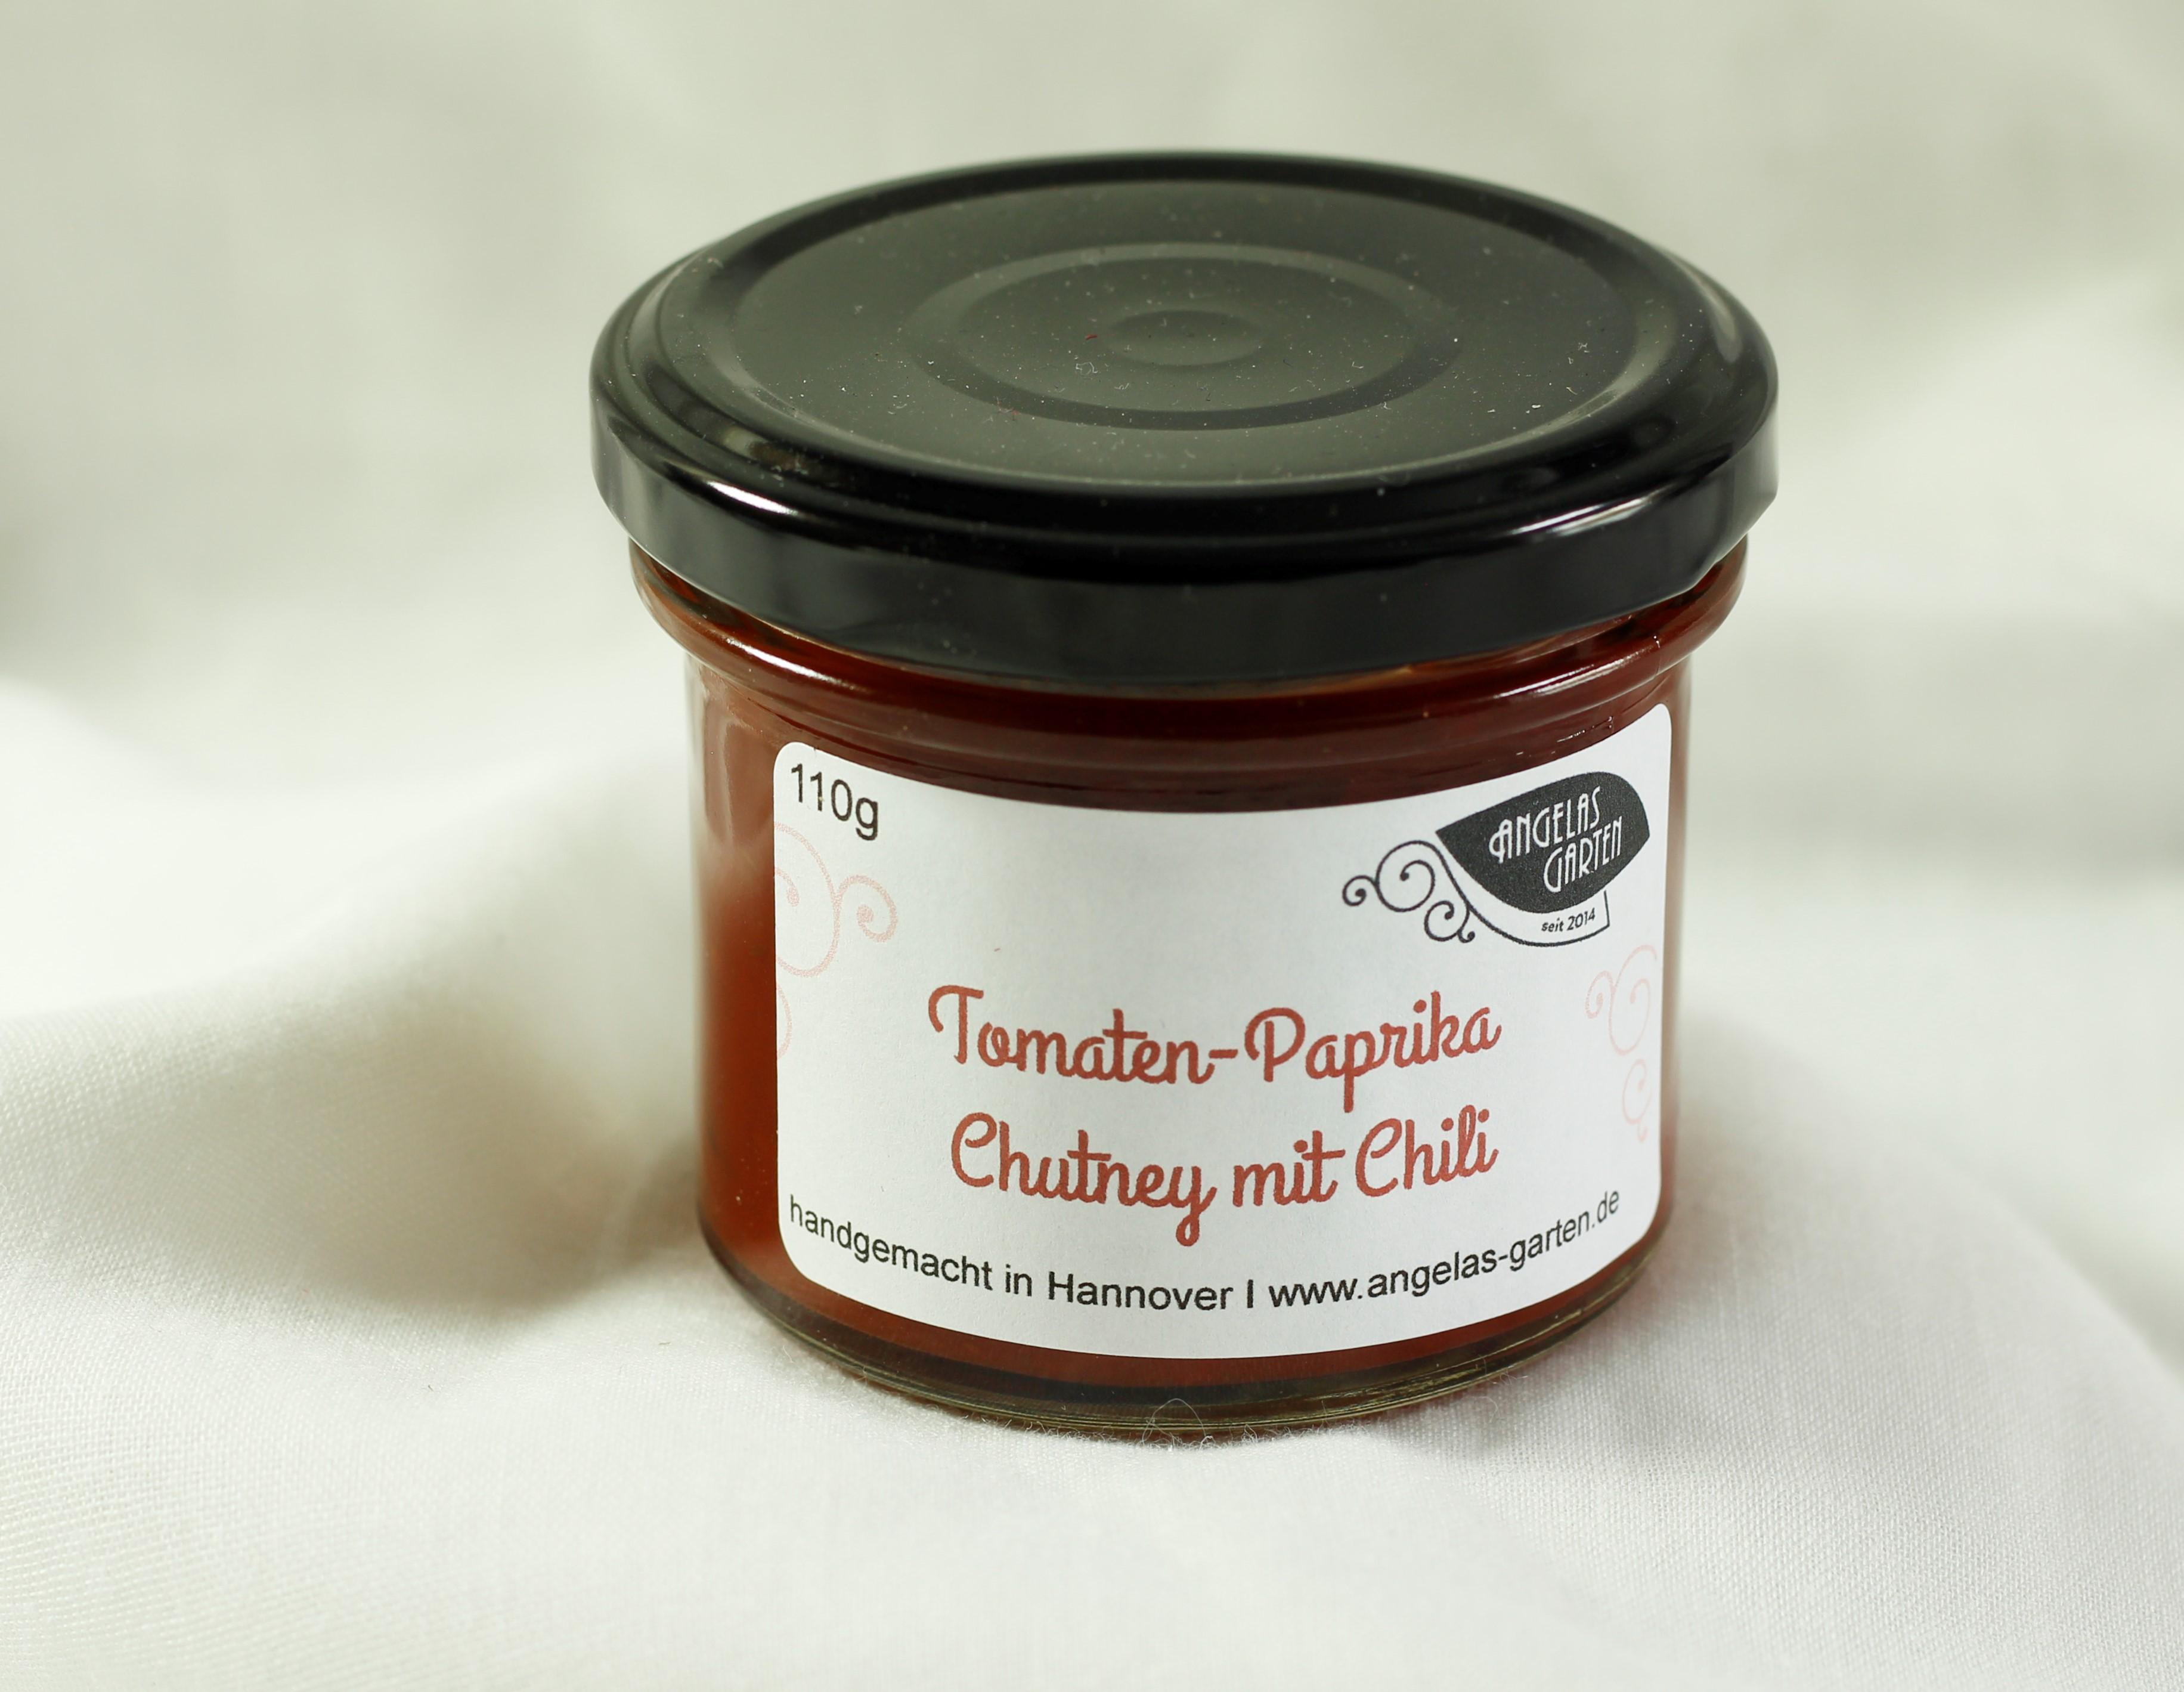 Tomaten-Paprika Chutney mit Chili 110g